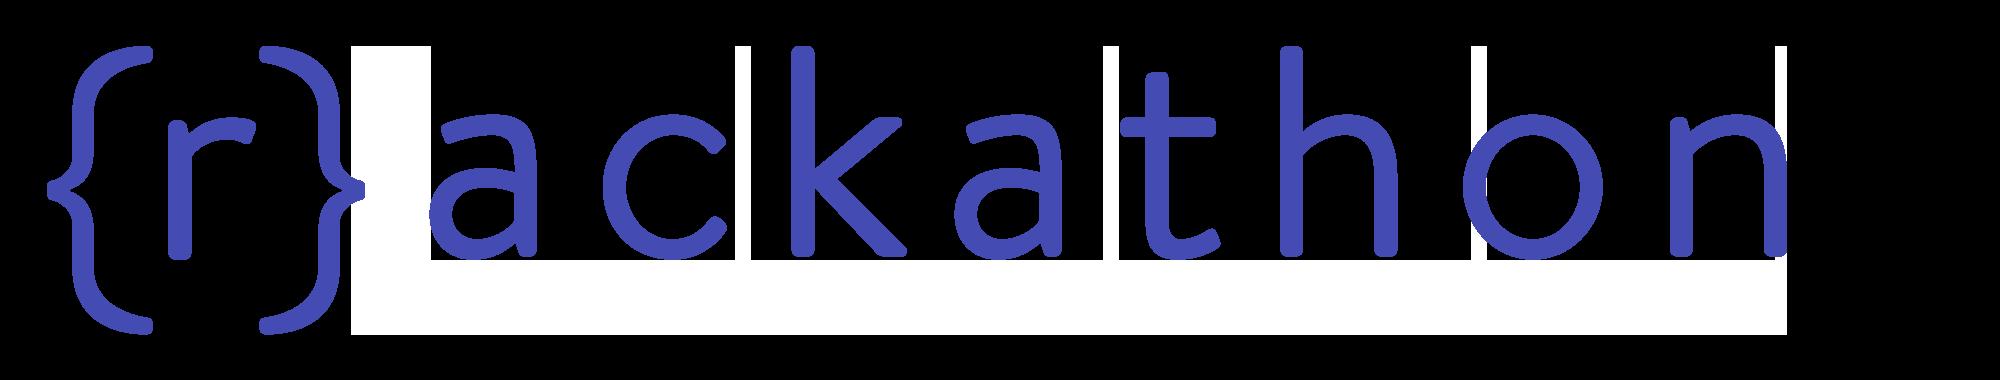 Rackathon.io Logo